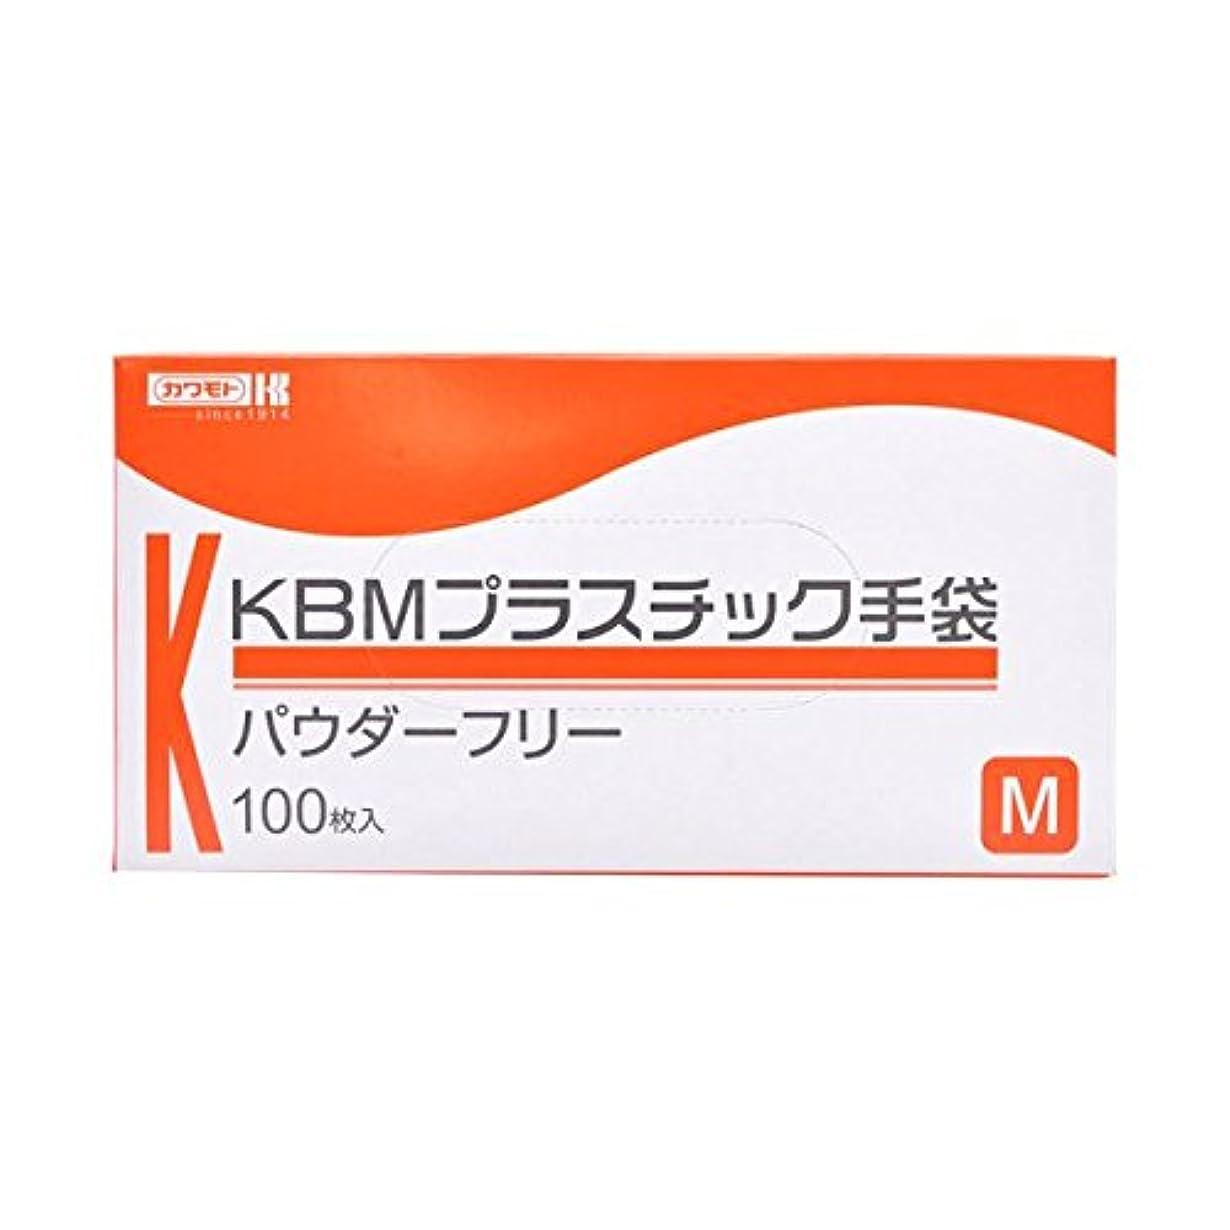 知るブラジャー化学者川本産業 KBMプラスチック手袋 パウダーフリー M 100枚入 ×3個